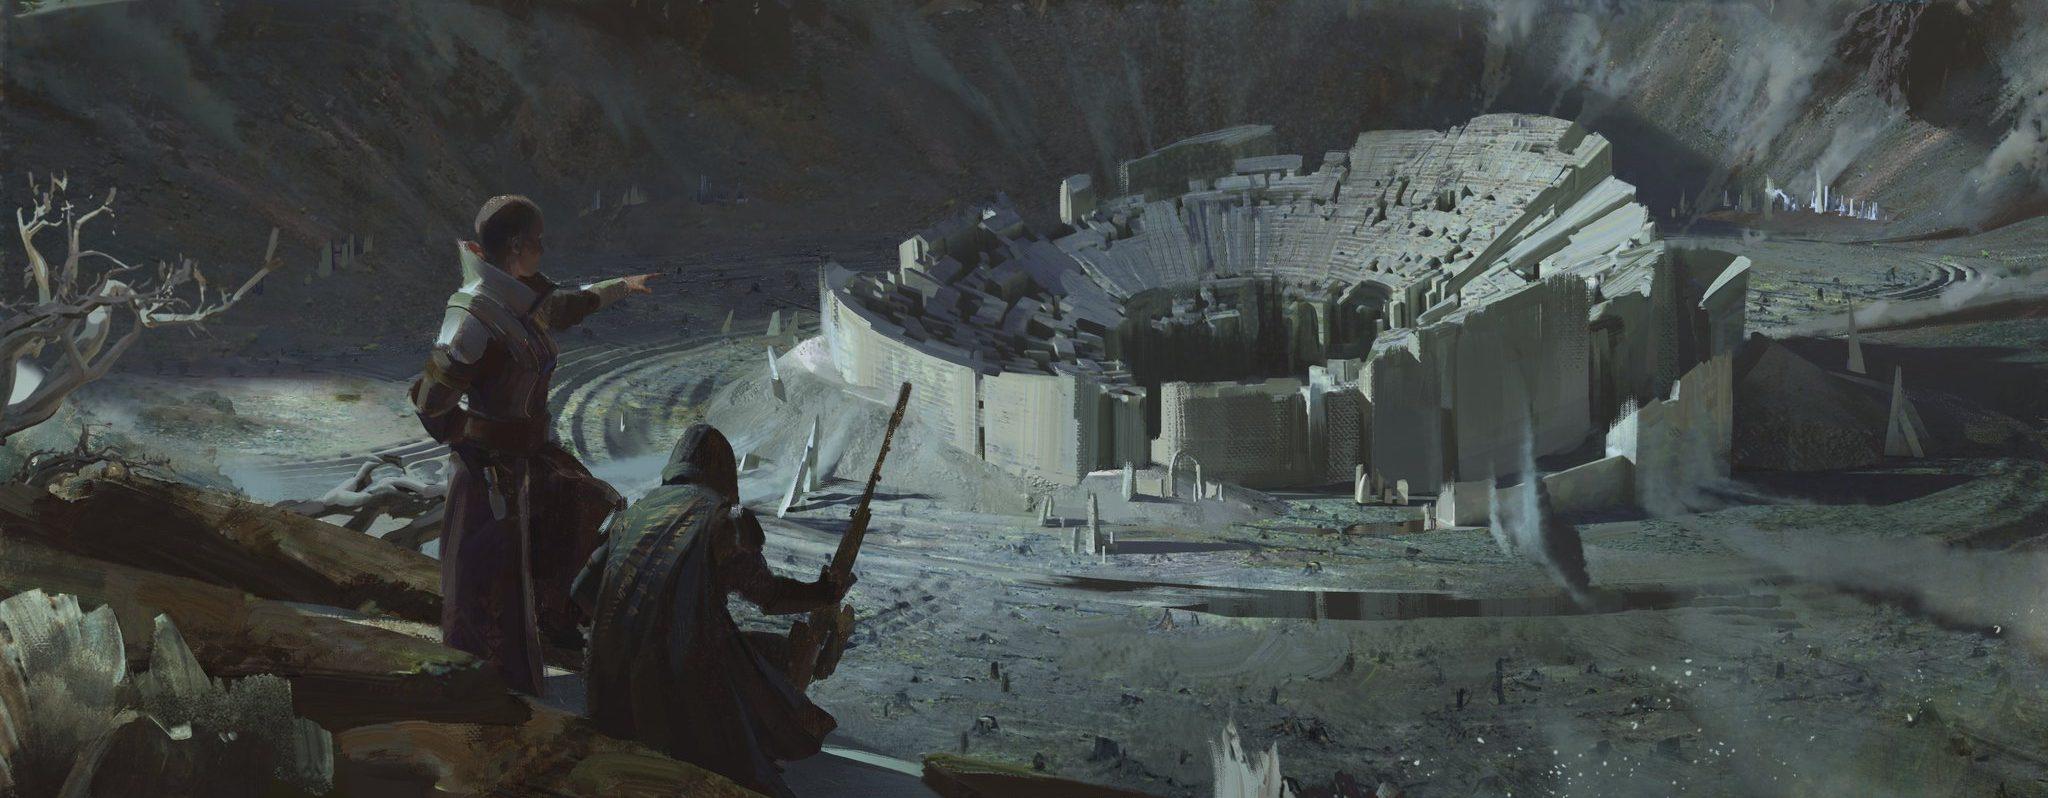 Destiny 2: Vorbereitung auf die Beta – Nächste Woche 9 Stunden Wartung